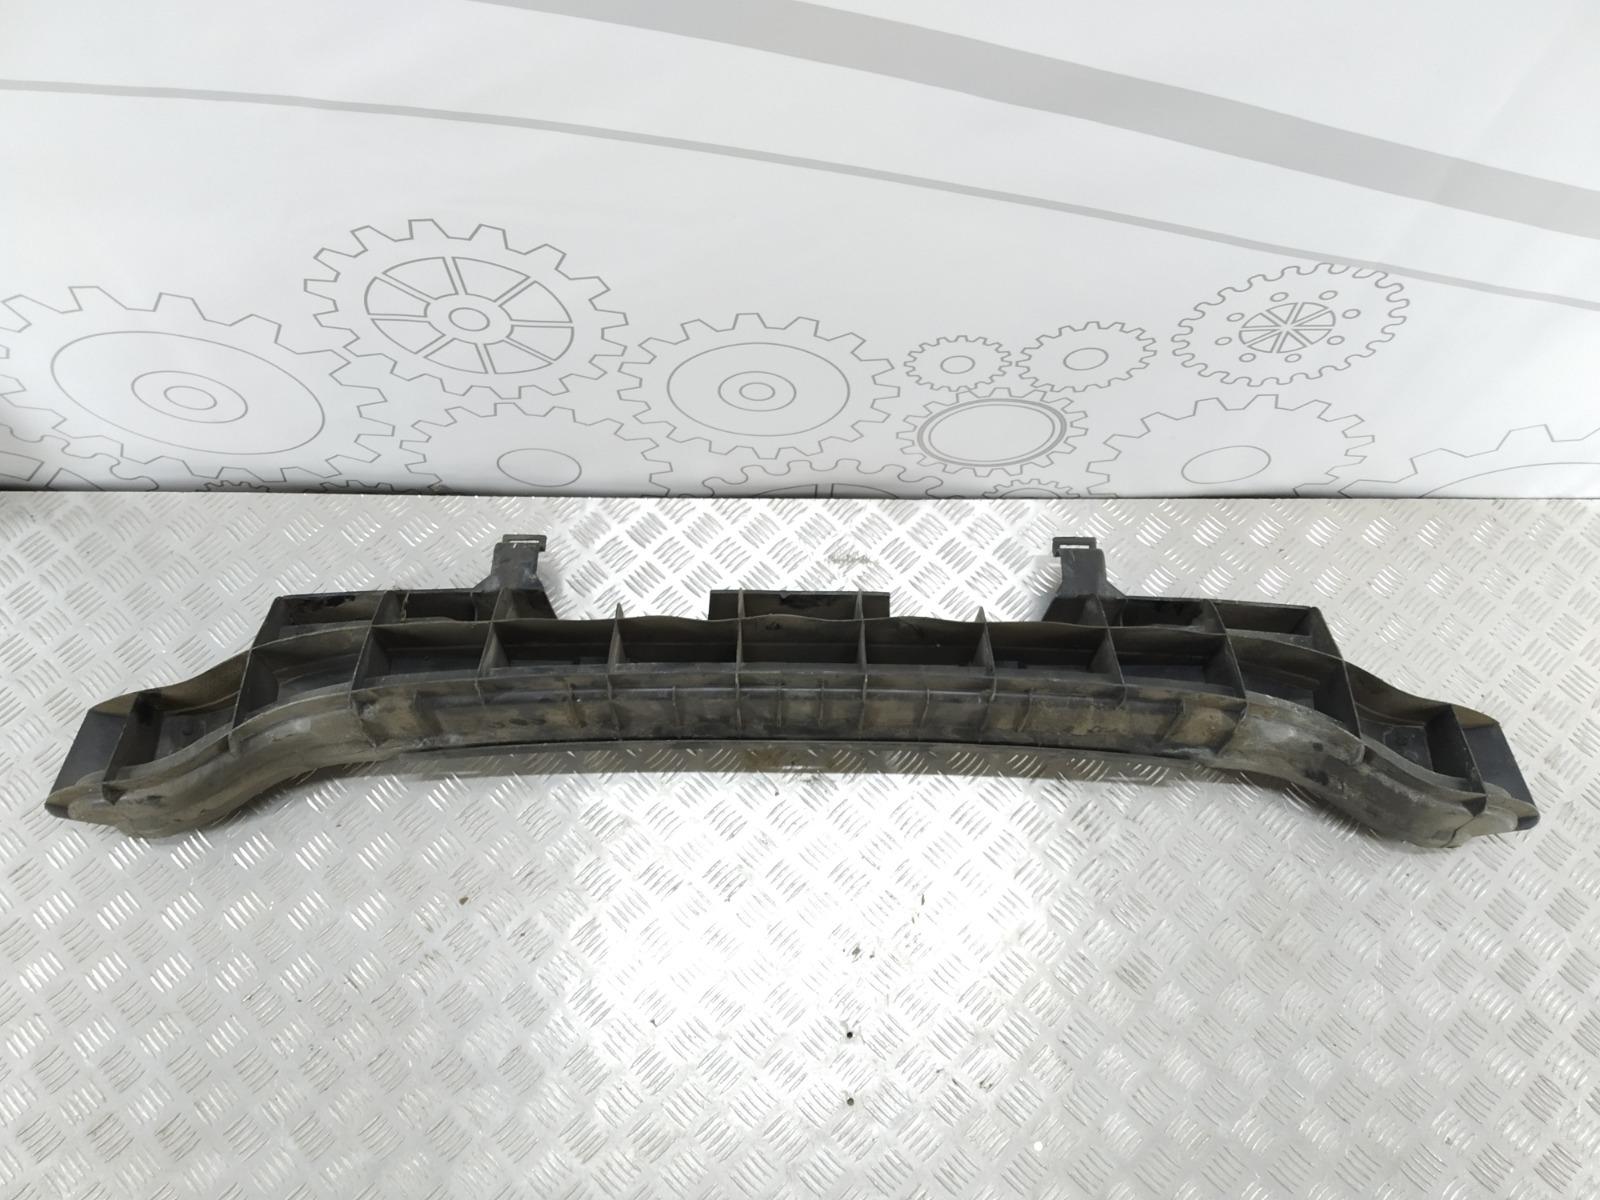 Усилитель бампера заднего Citroen Xsara Picasso 1.6 HDI 2006 (б/у)